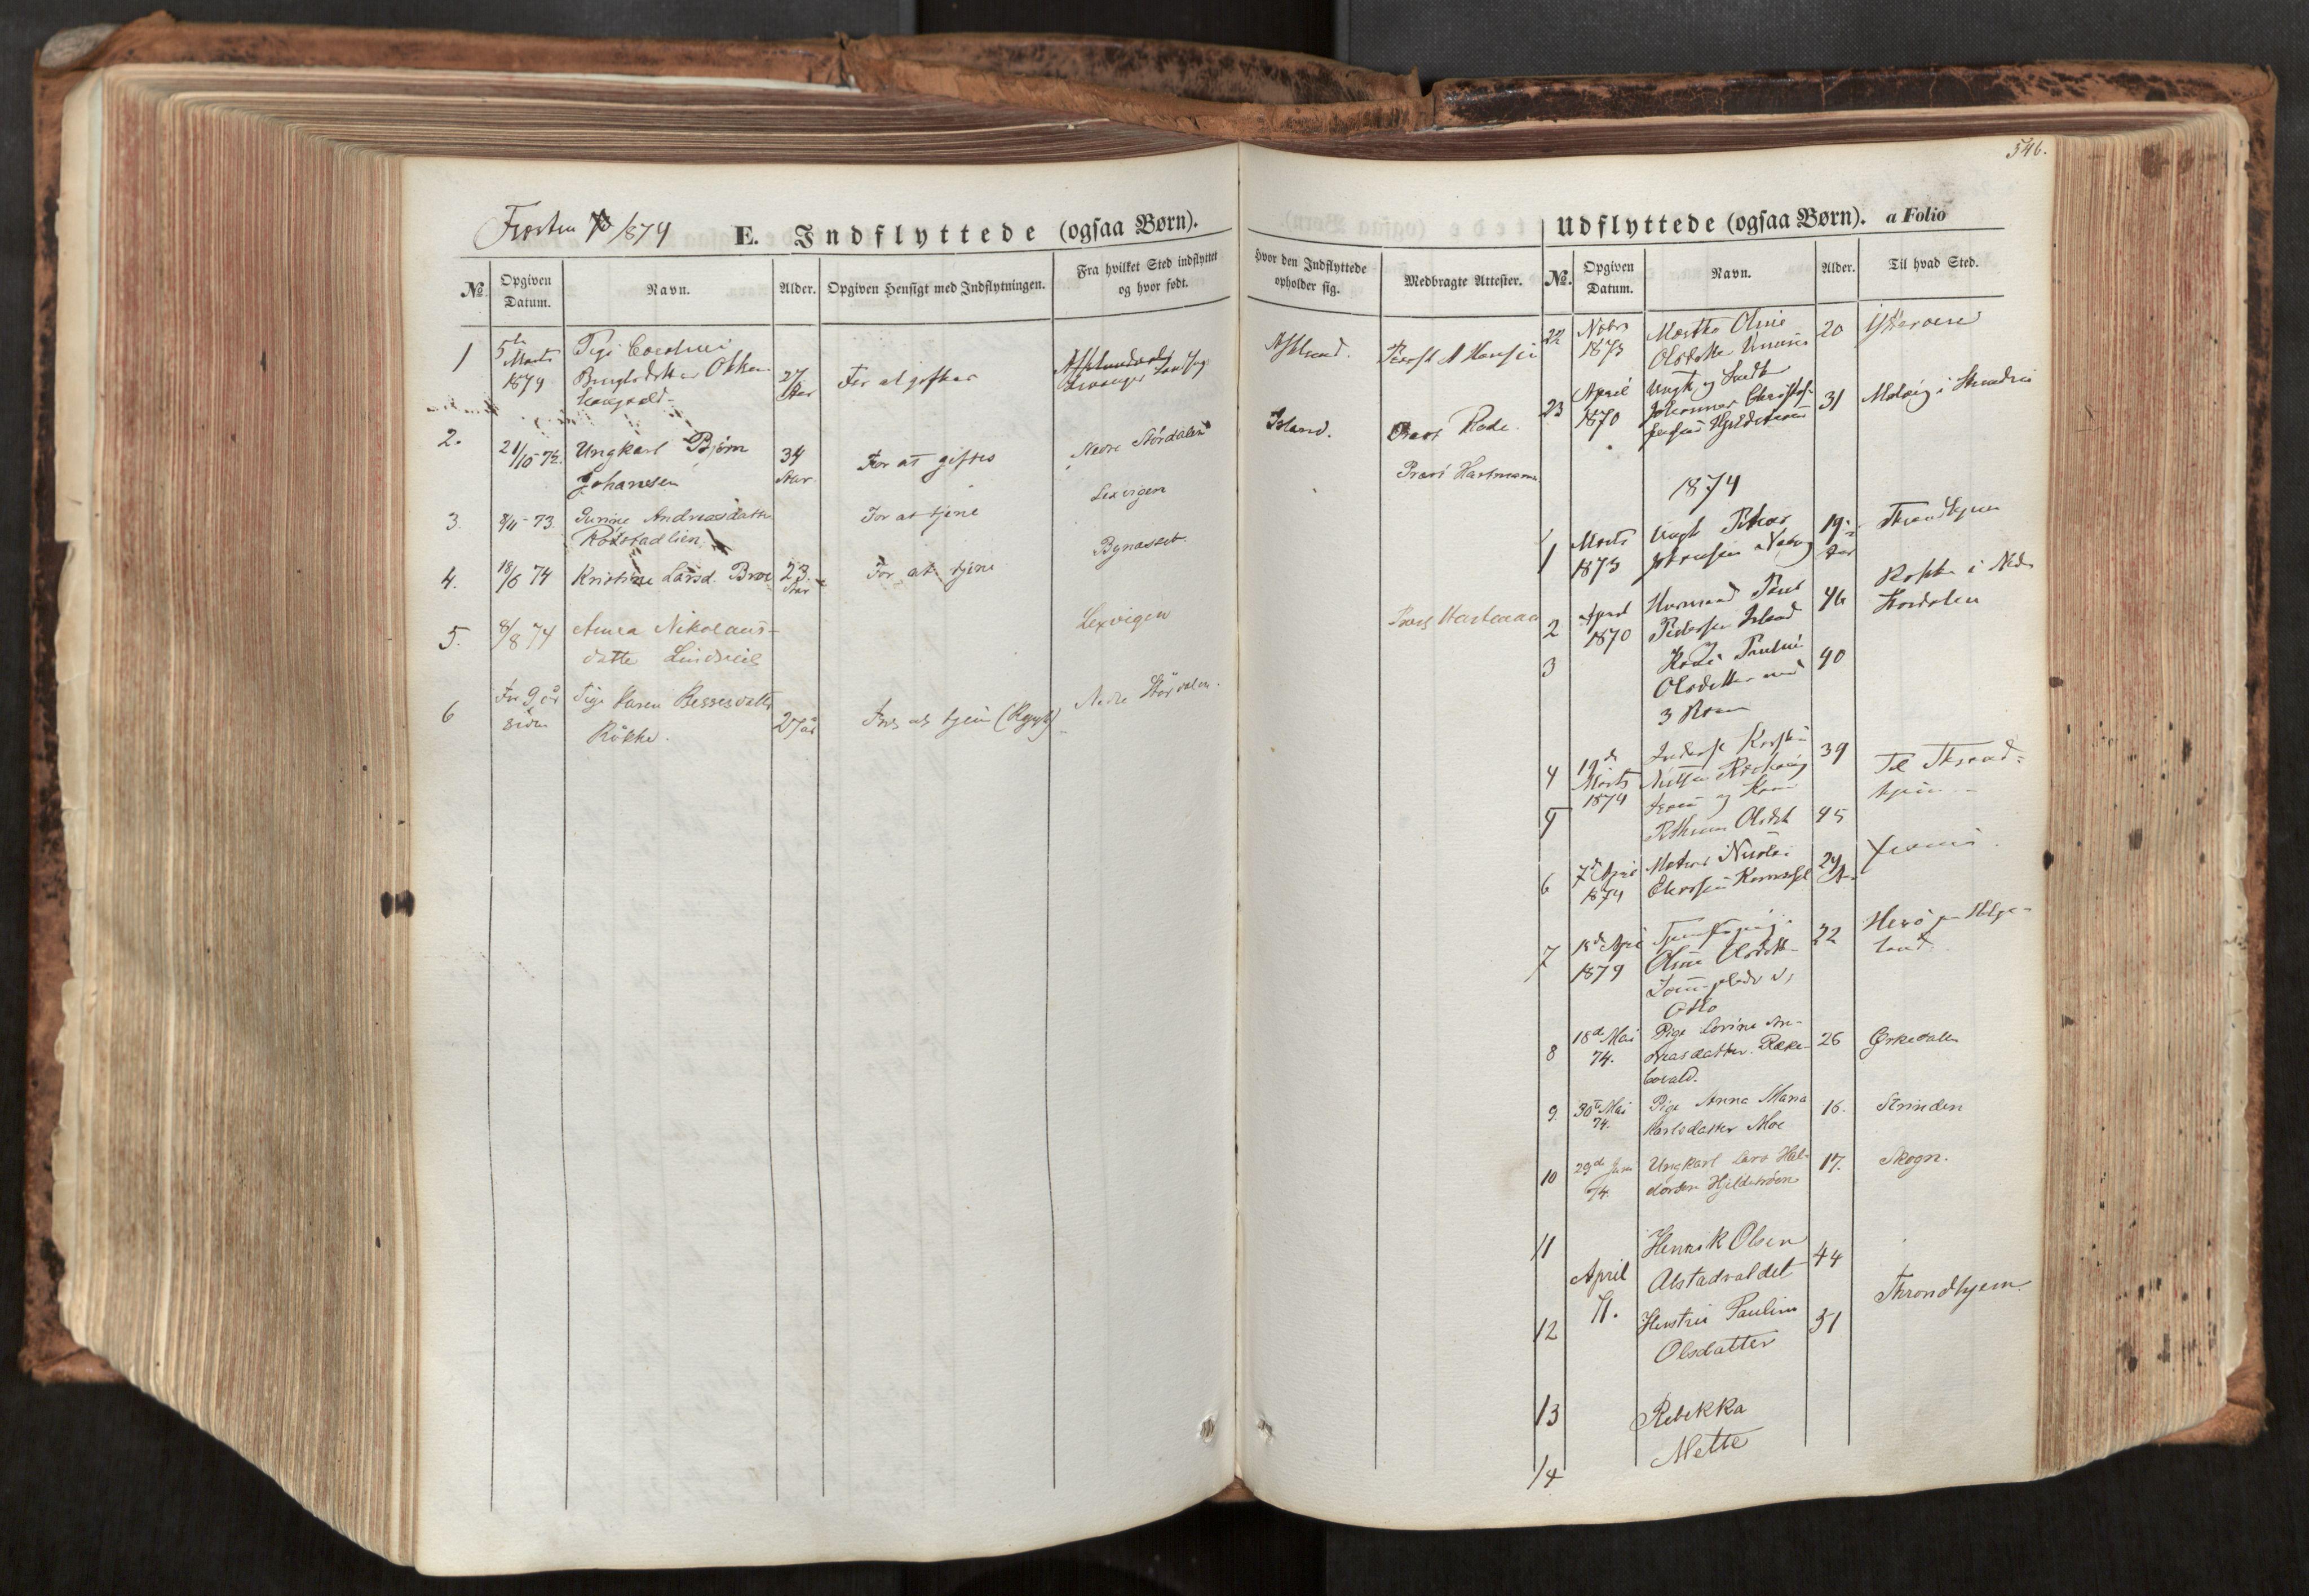 SAT, Ministerialprotokoller, klokkerbøker og fødselsregistre - Nord-Trøndelag, 713/L0116: Ministerialbok nr. 713A07, 1850-1877, s. 546